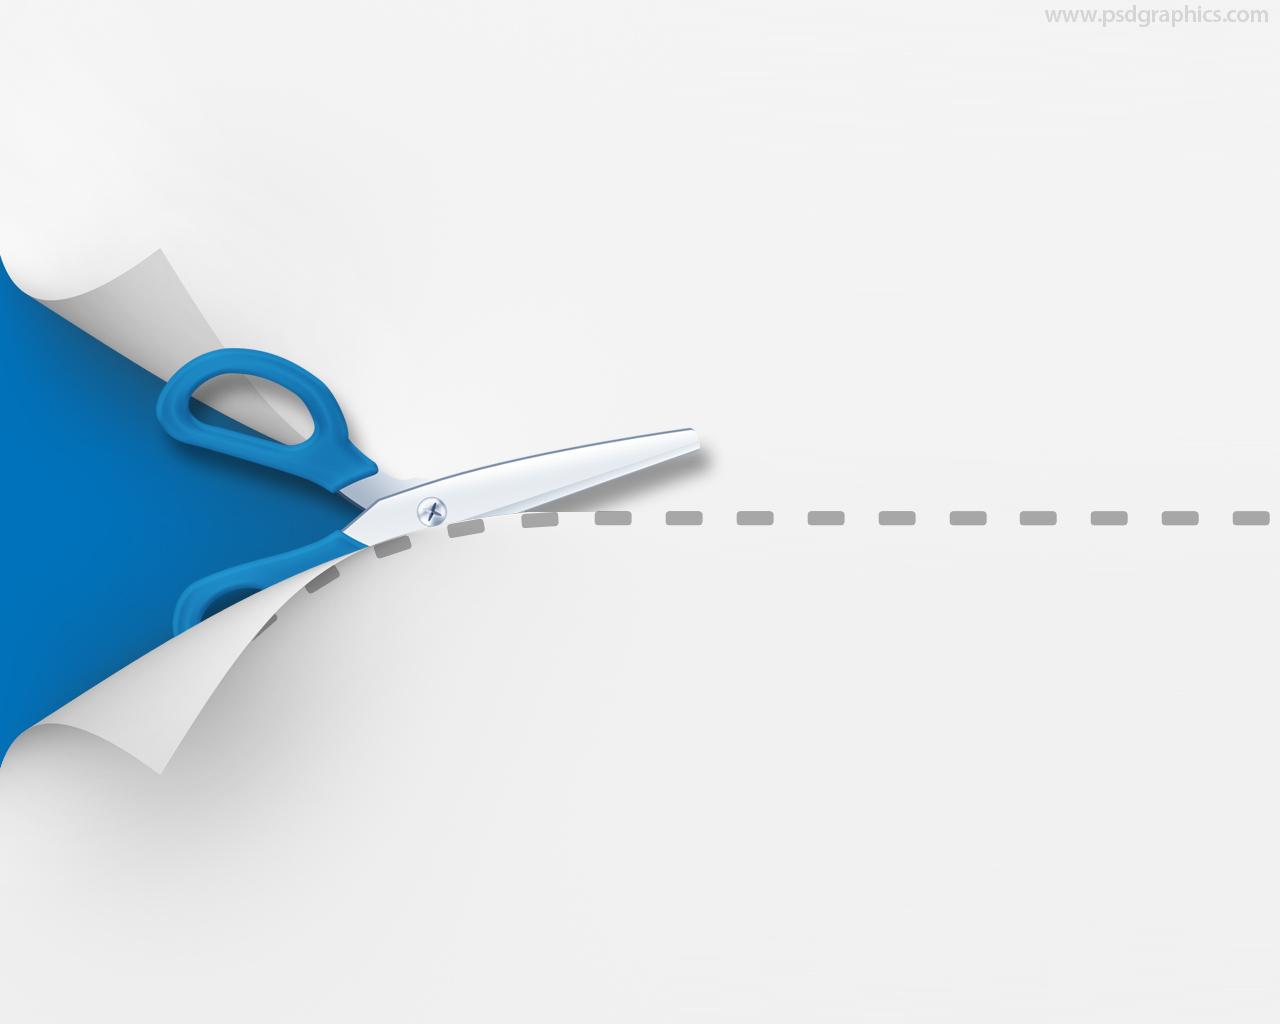 PNG Scissors Cutting Paper Transparent Scissors Cutting Paper.PNG.